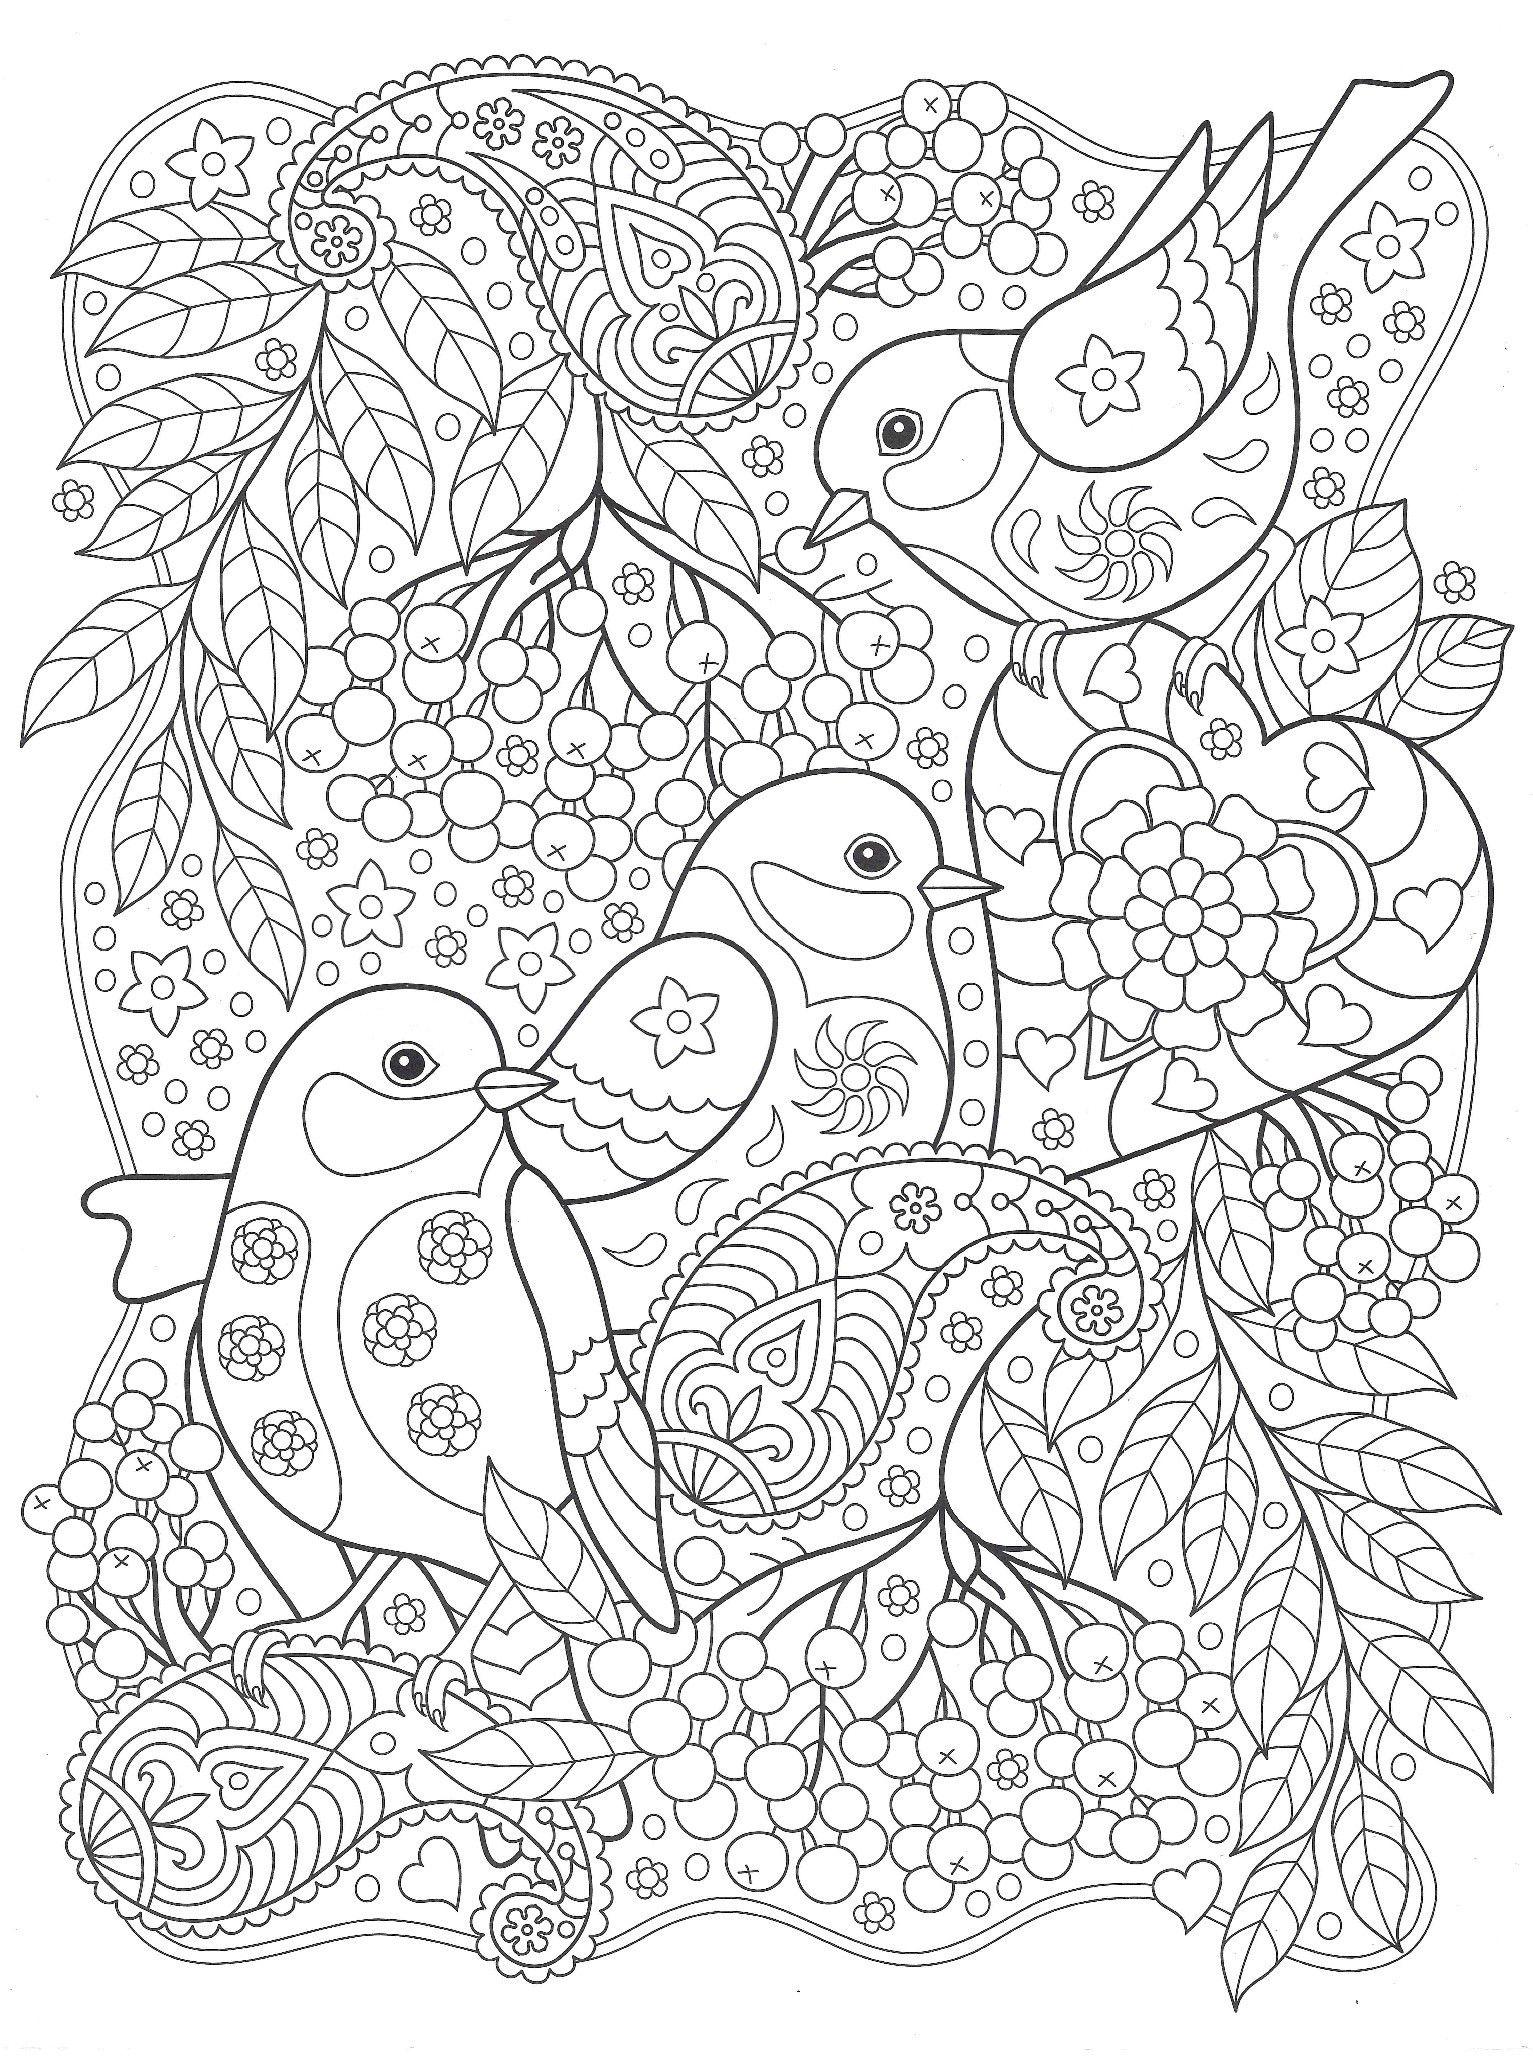 Раскраски «Птицы» - «Птицы с рябиной» | Раскраски мандала ...